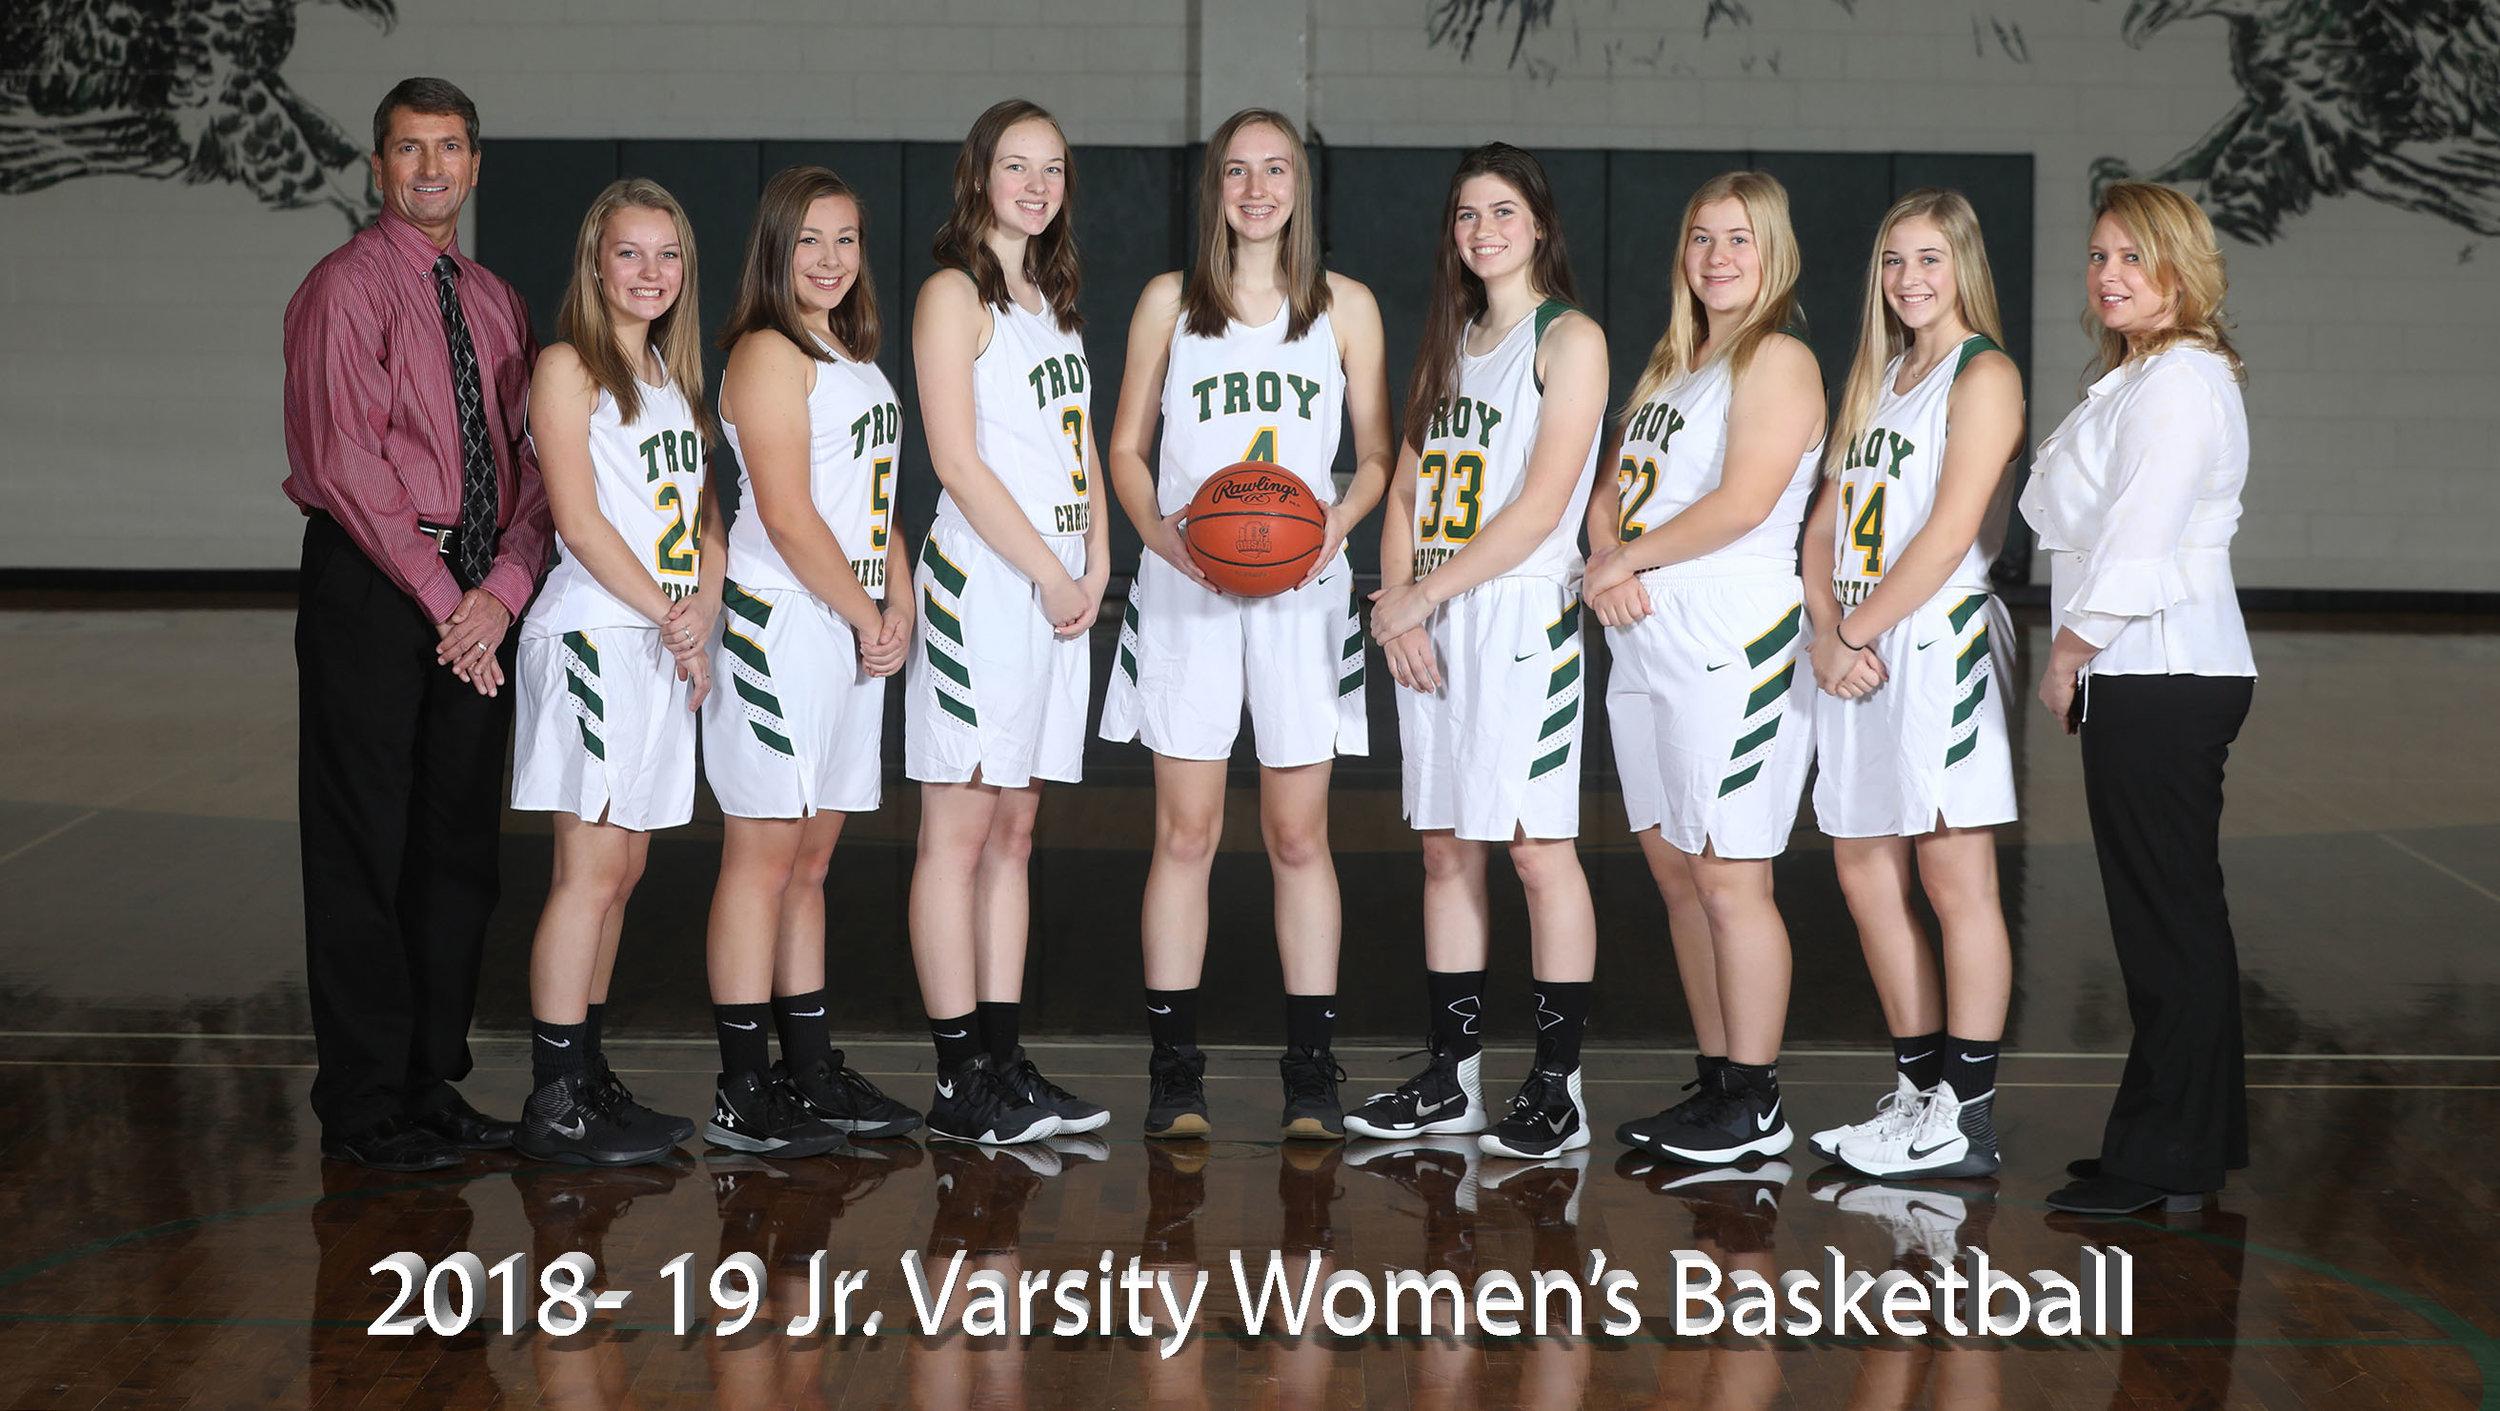 2017-18 Jr. Varsity Women's Basketball